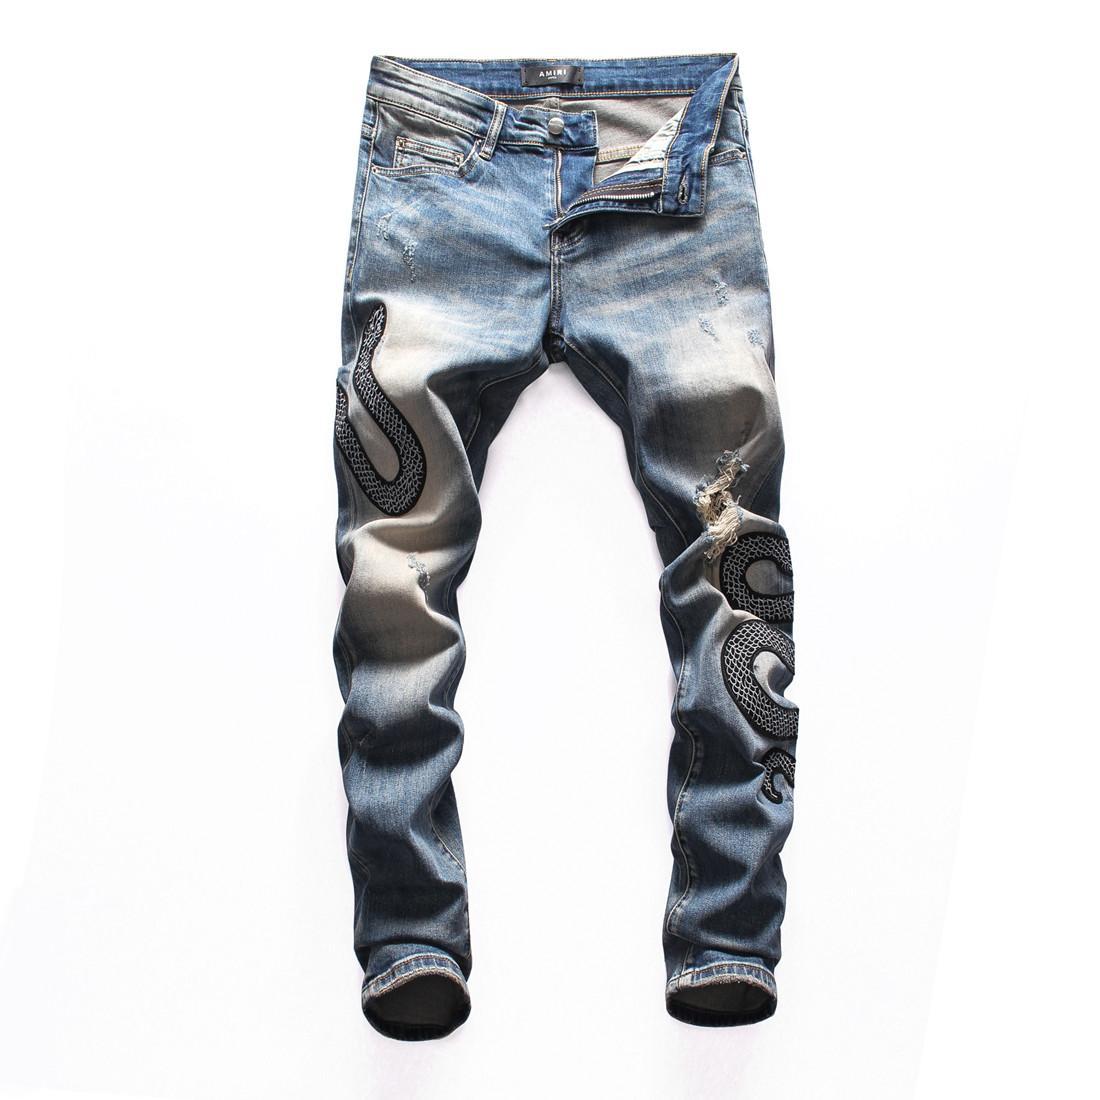 2020 мужские дизайнерские джинсы вышитые промасленные брюки Узкие джинсы тонкие брюки Мужские роскошные дизайнерские джинсовые джинсы мужские бегуны